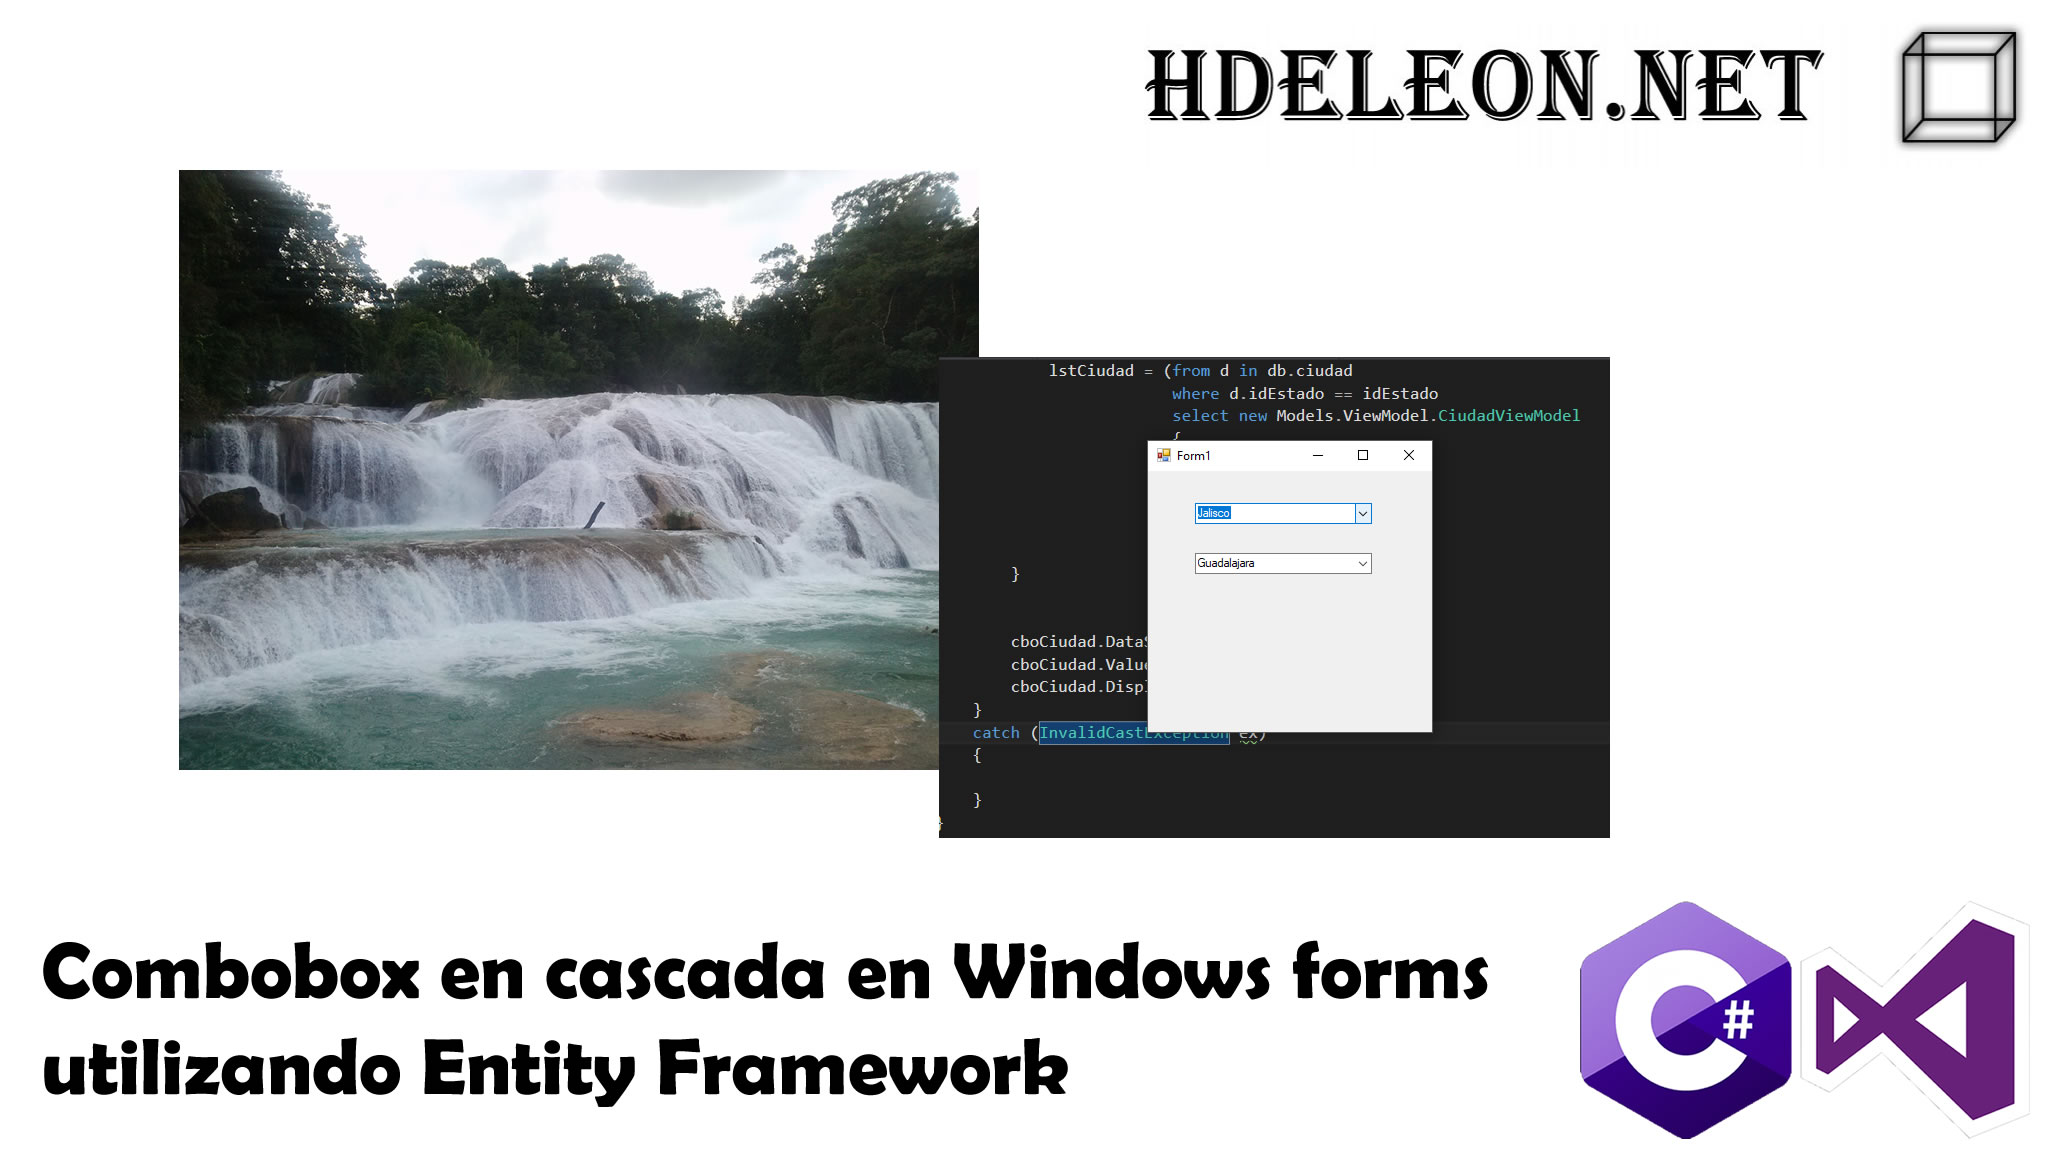 Combobox en cascada en C# Windows forms utilizando Entity Framework